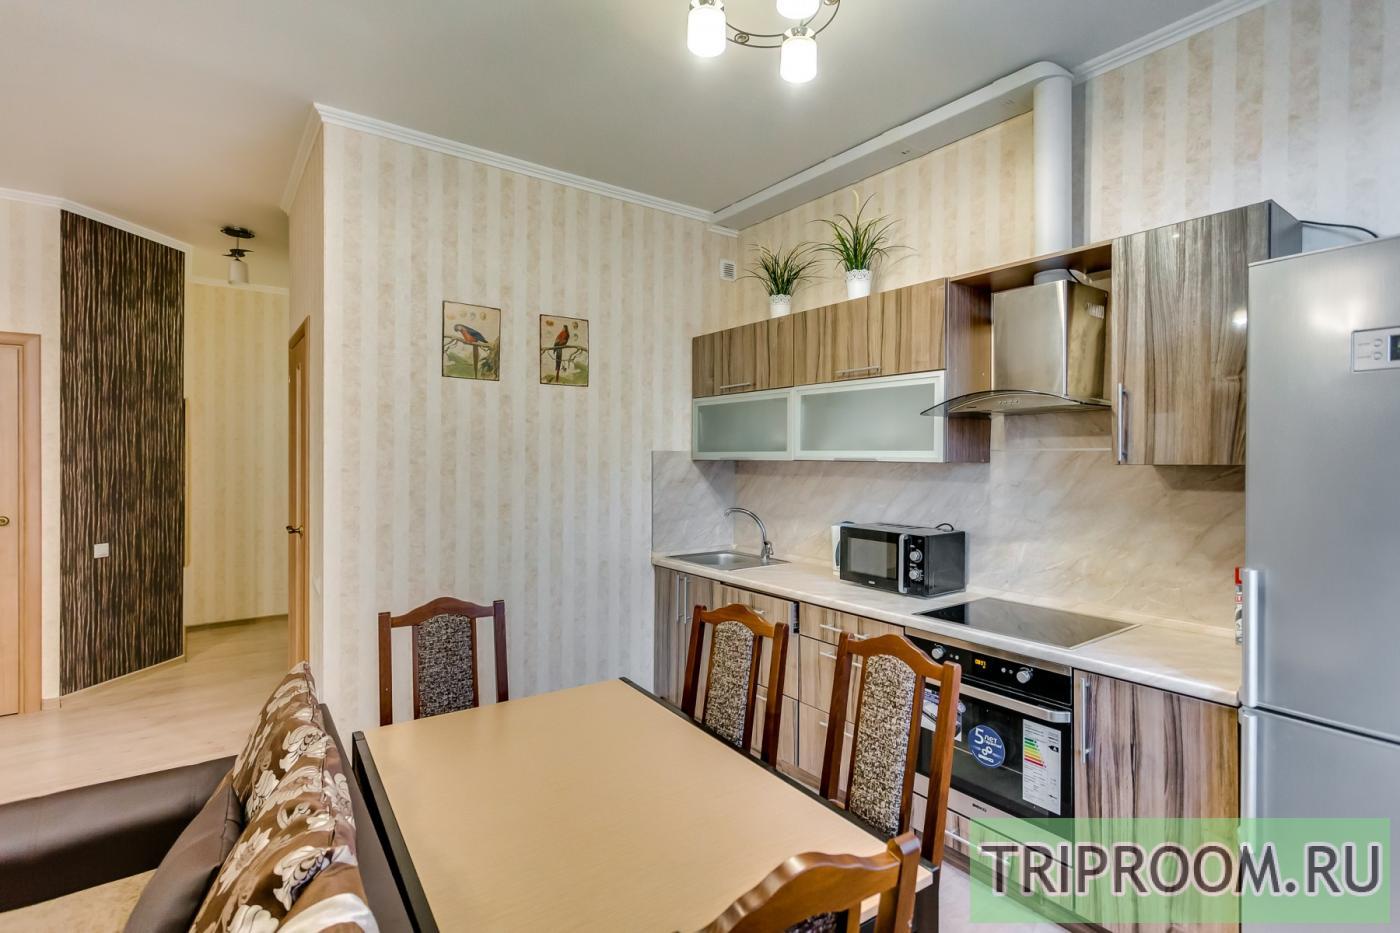 3-комнатная квартира посуточно (вариант № 23511), ул. Красноармейская улица, фото № 23